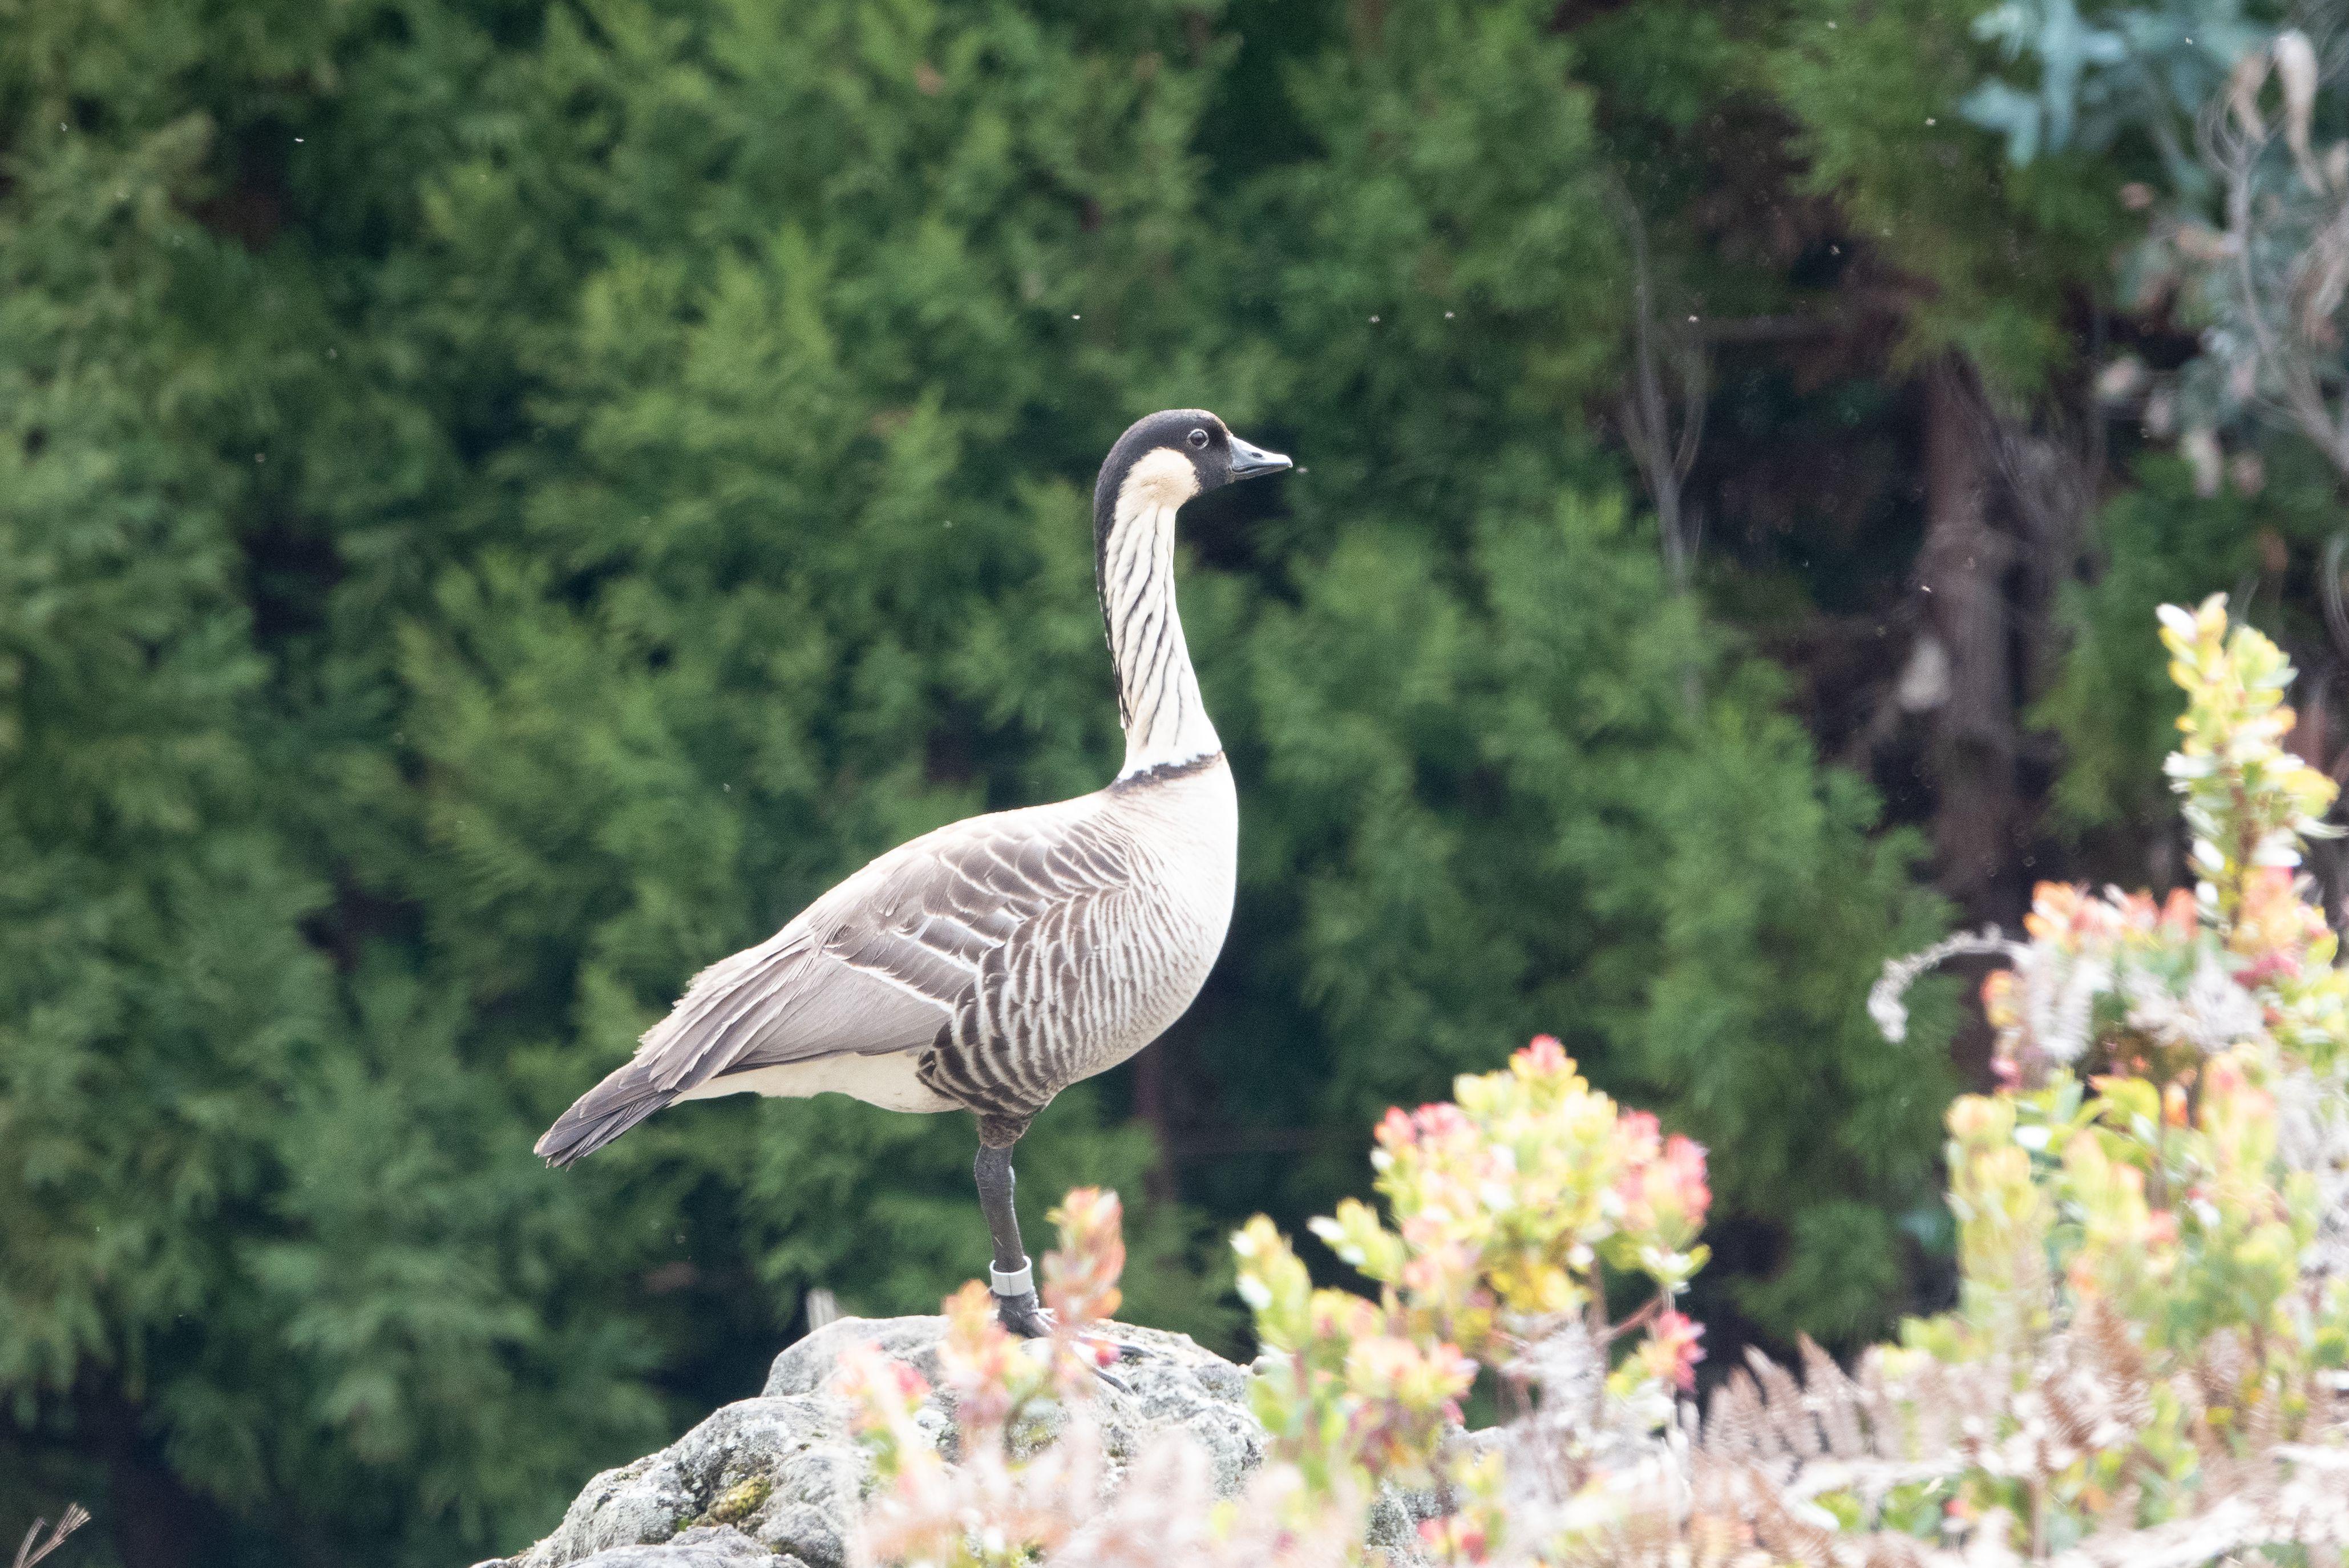 Nene goose in profile sitting on a rock.